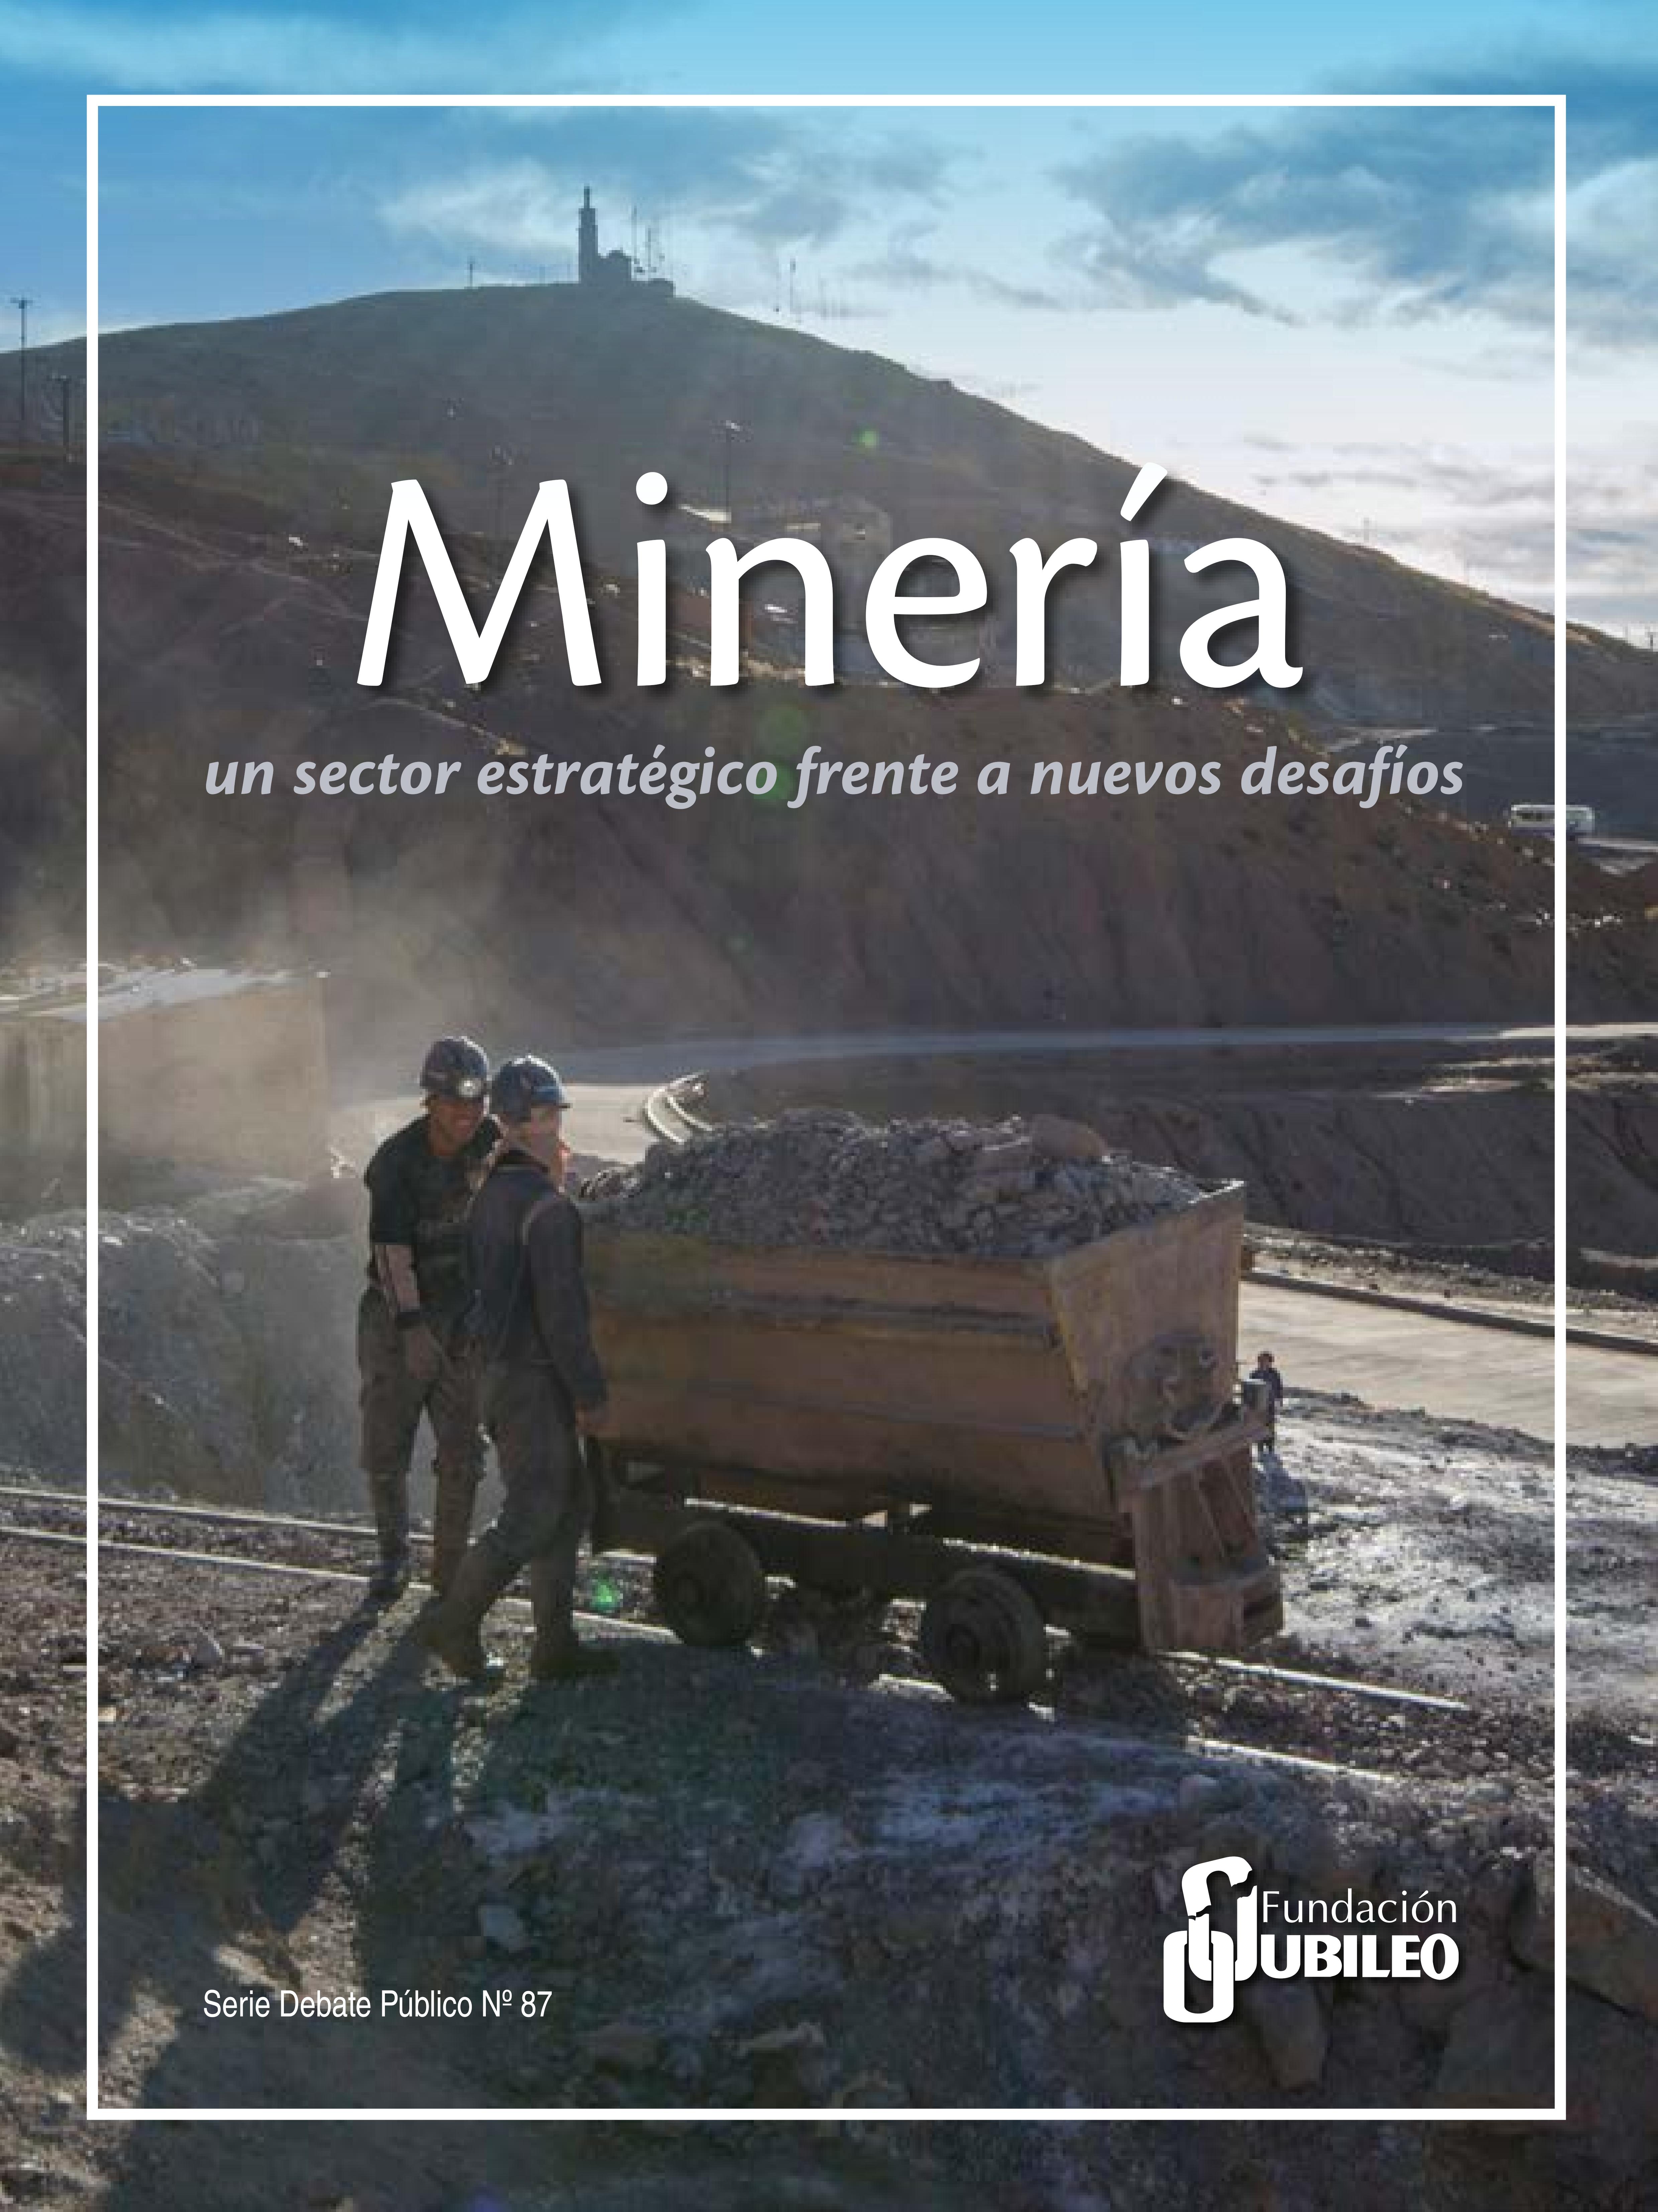 minería_un_sector_estratégico_frente_a_nuevos_desafíos_001